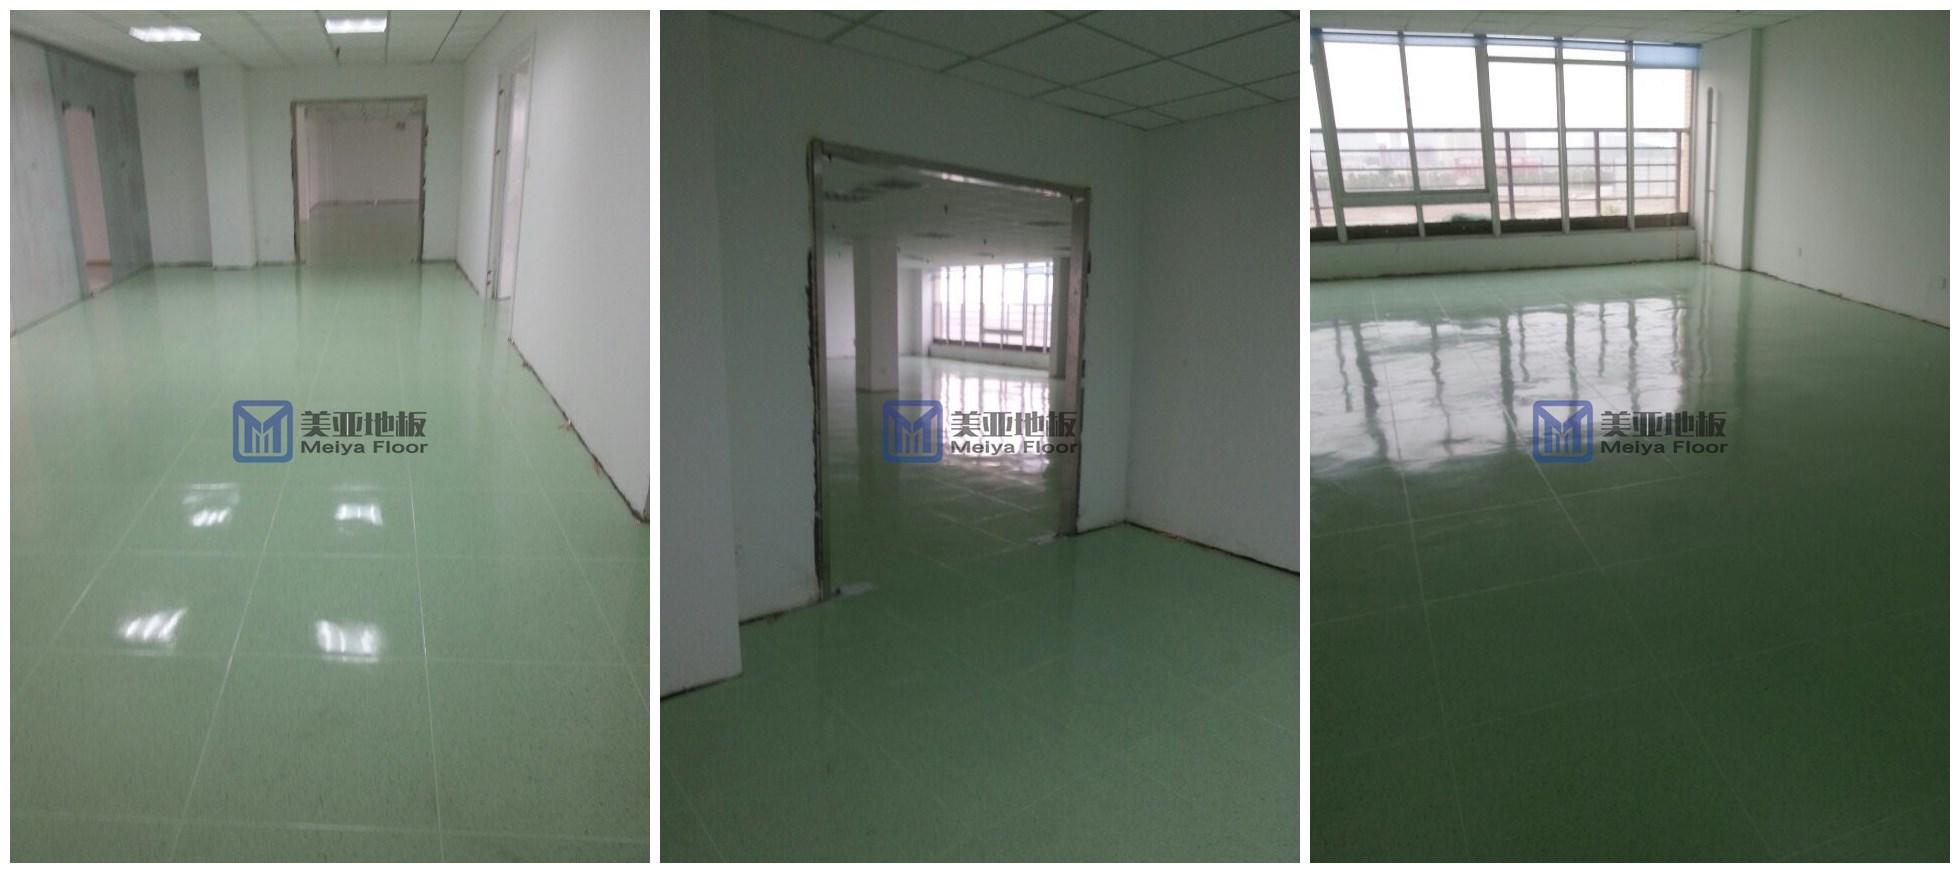 直铺PVCfangjing电di板,美亚di板花色最多,价格最优!quan国fa货、shi工。